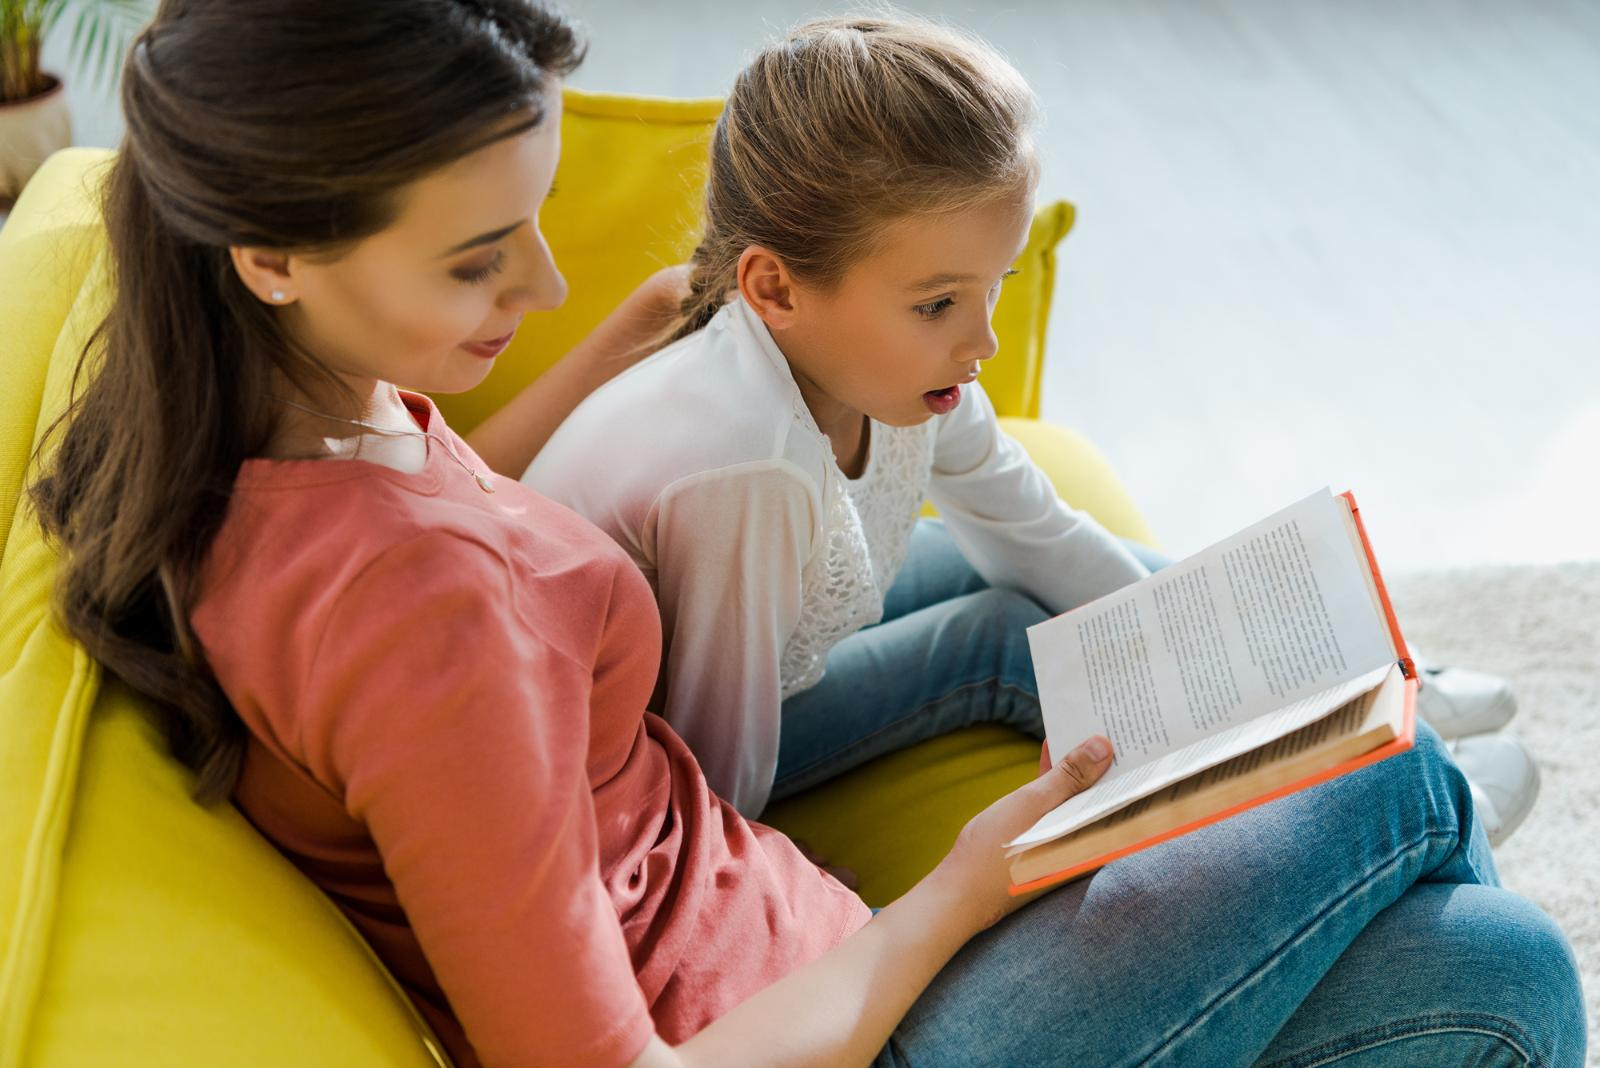 Моя прекрасная няня: как не ошибиться в выборе помощницы, которой вы доверите самое ценное — своего ребенка